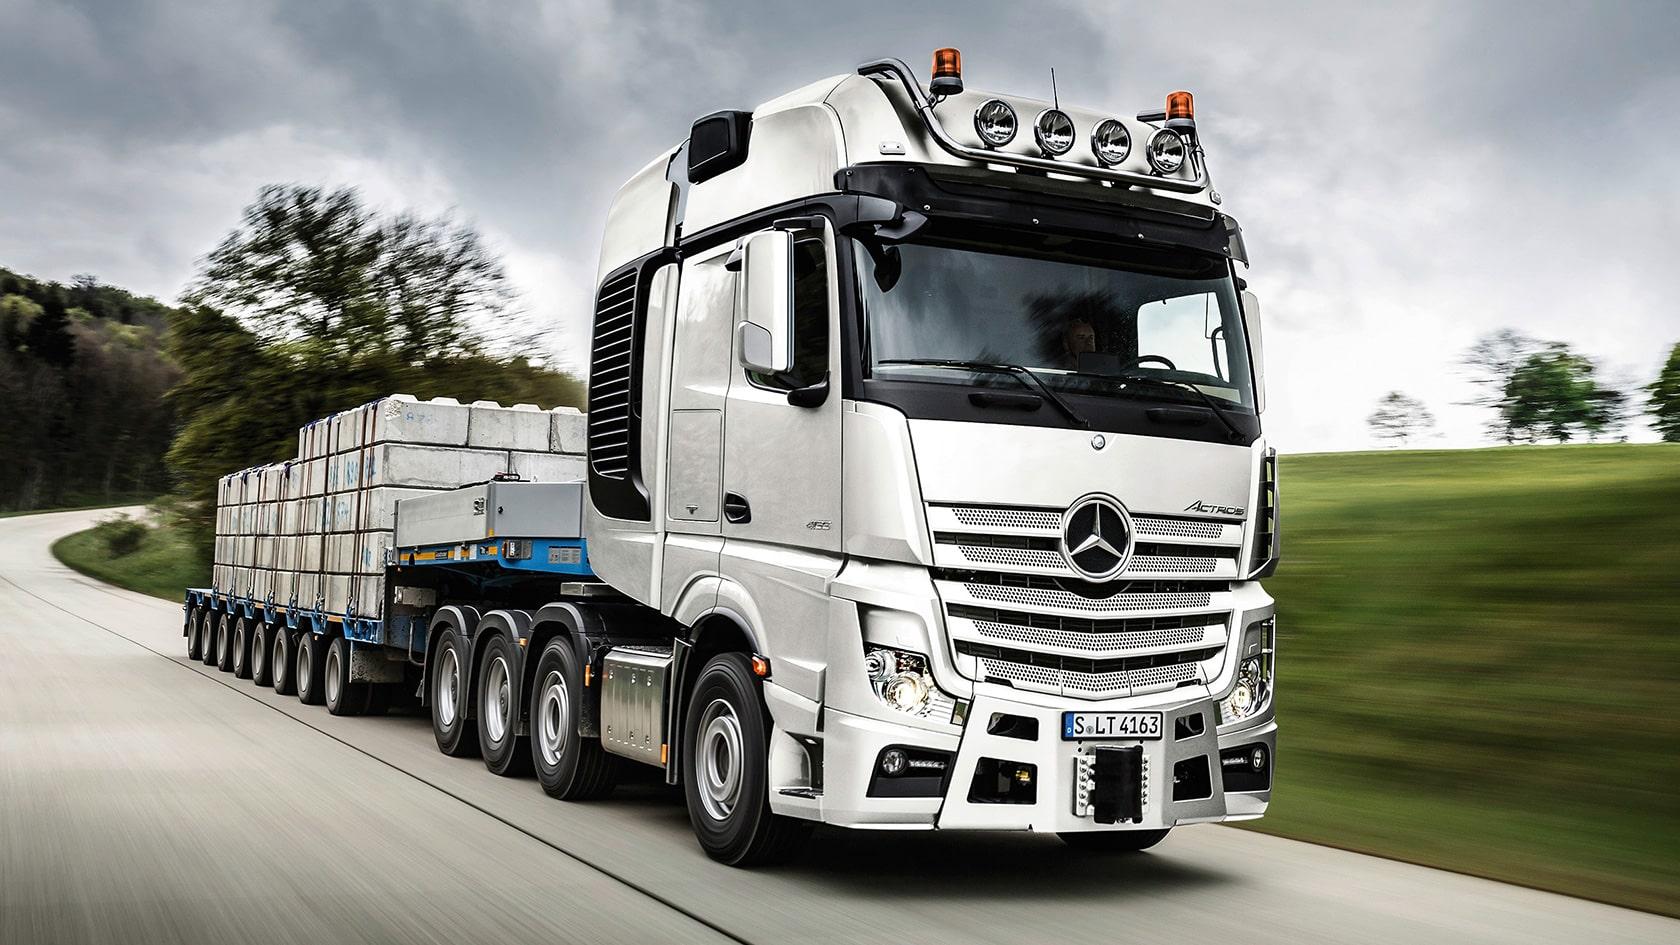 کامیونهای جاده رو (Highway trucks)